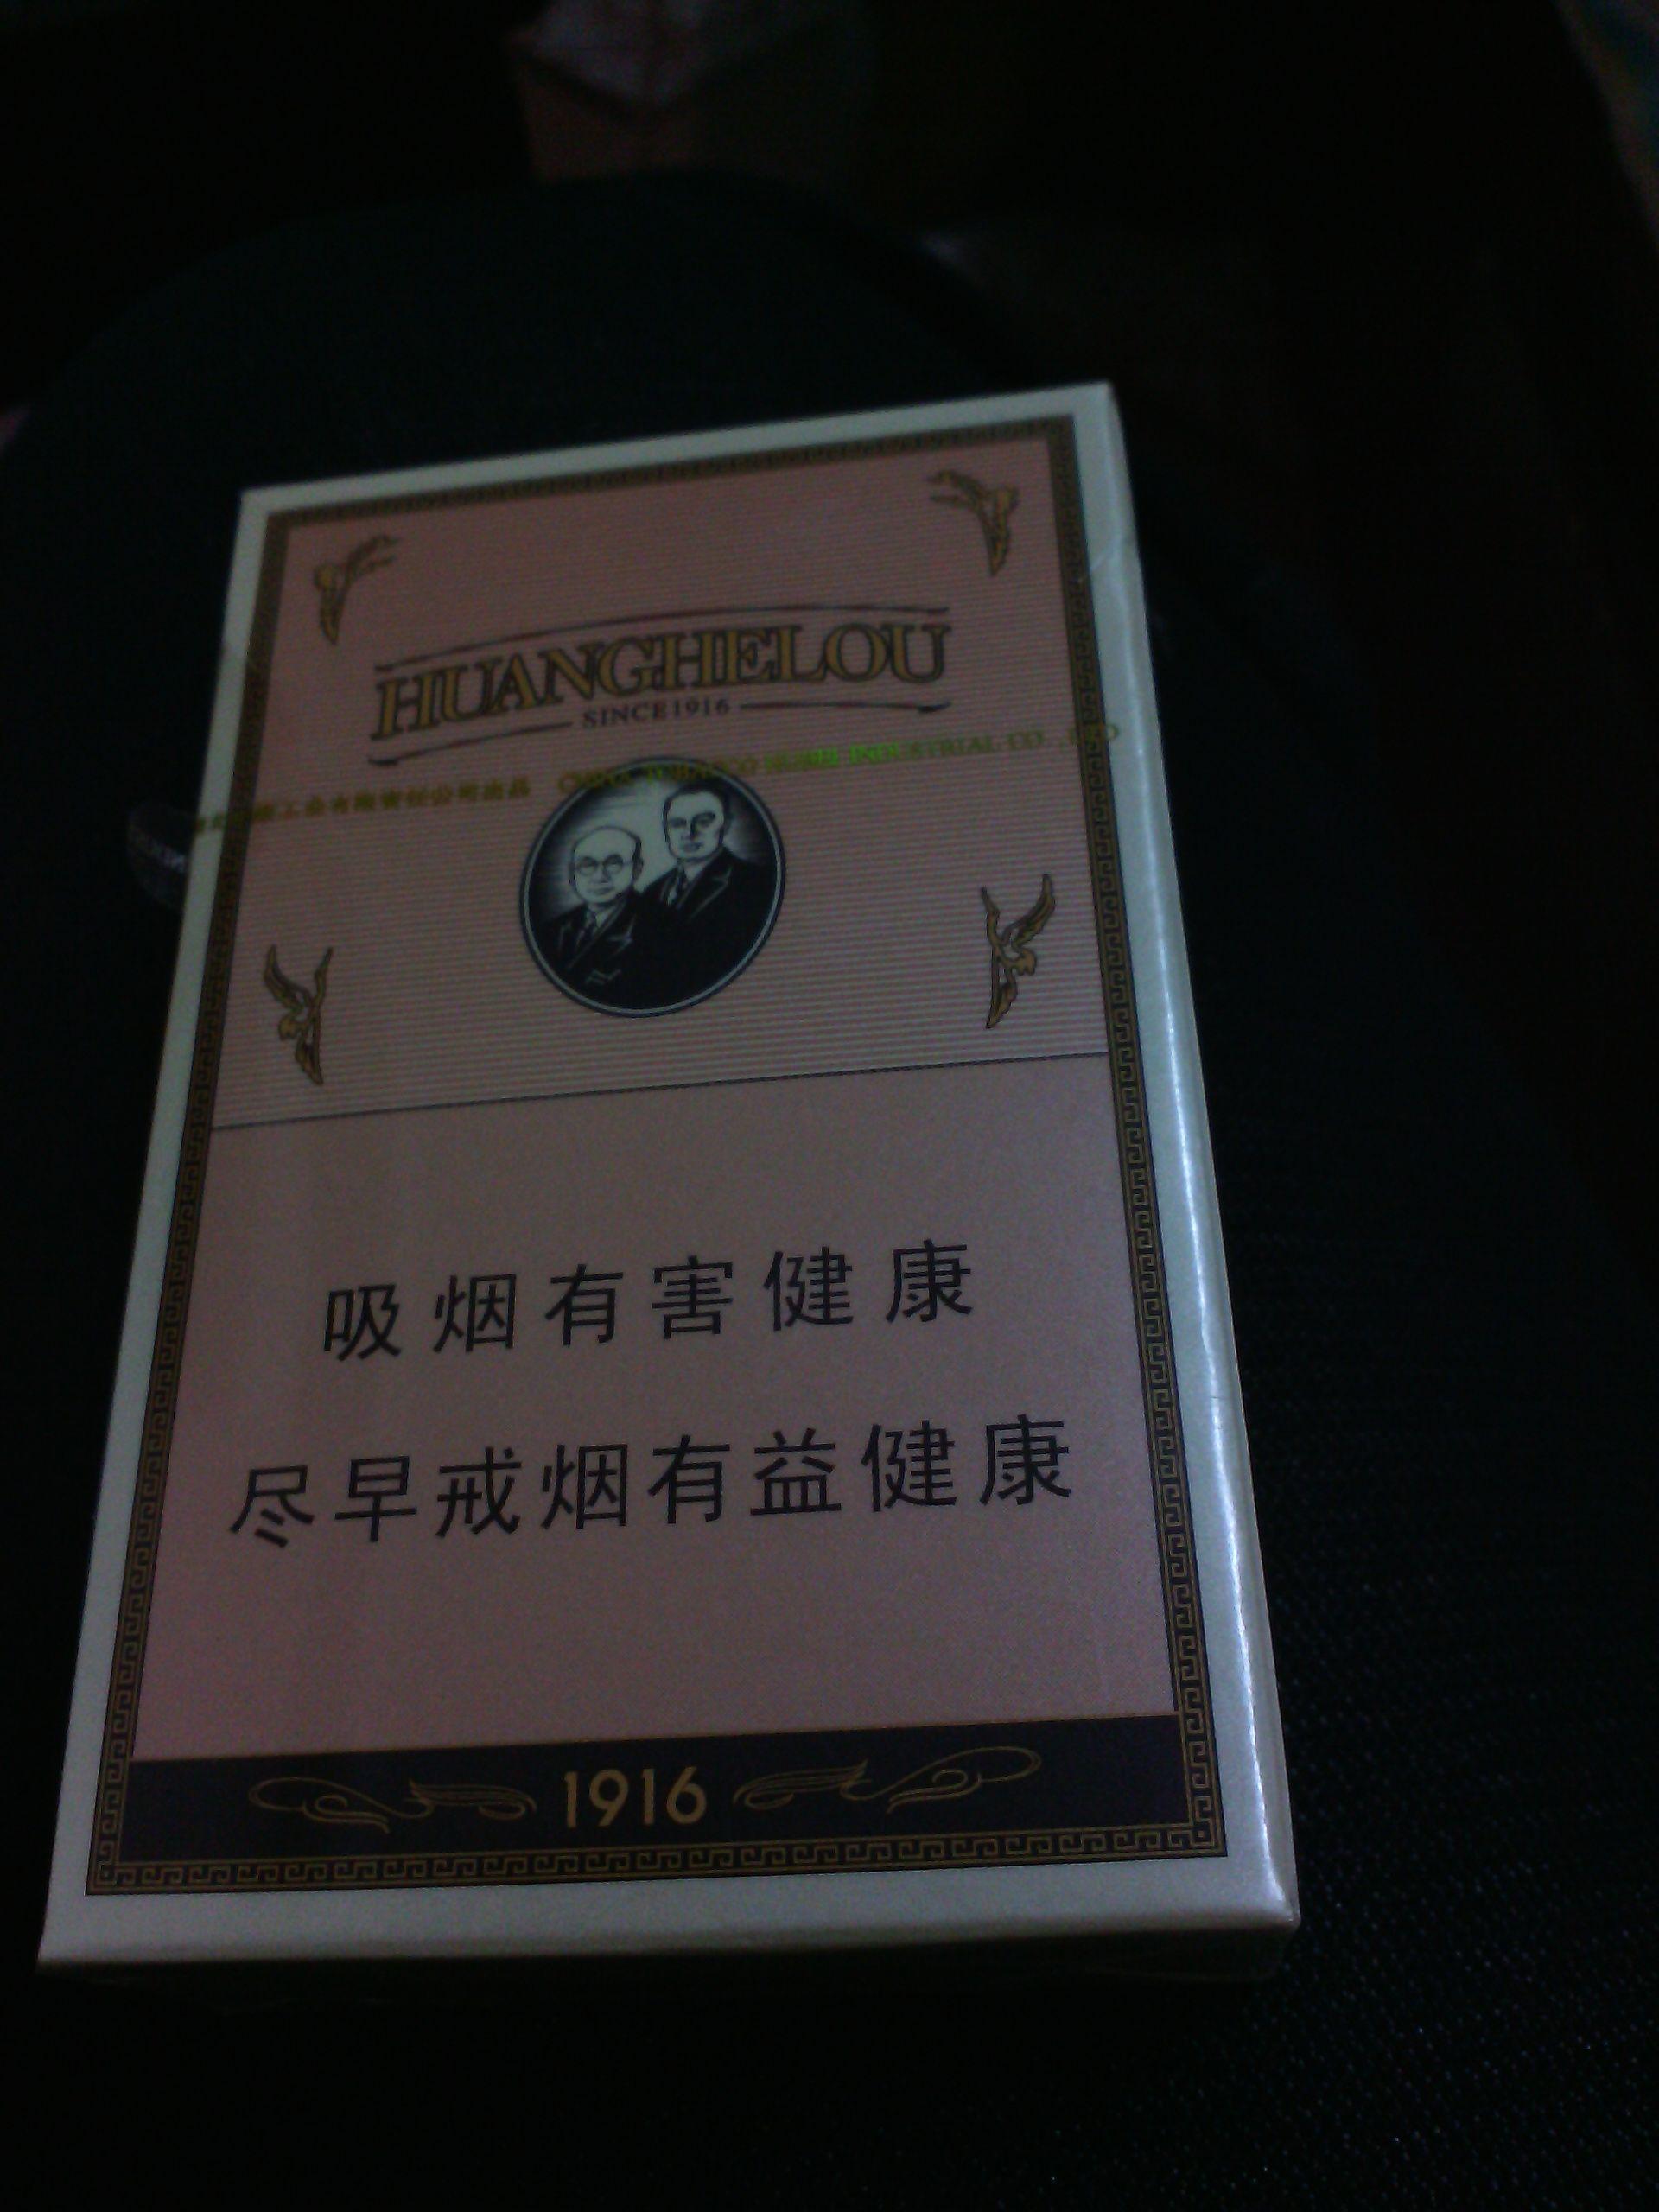 硬黄鹤楼1916香烟价格表和图片 高清图片